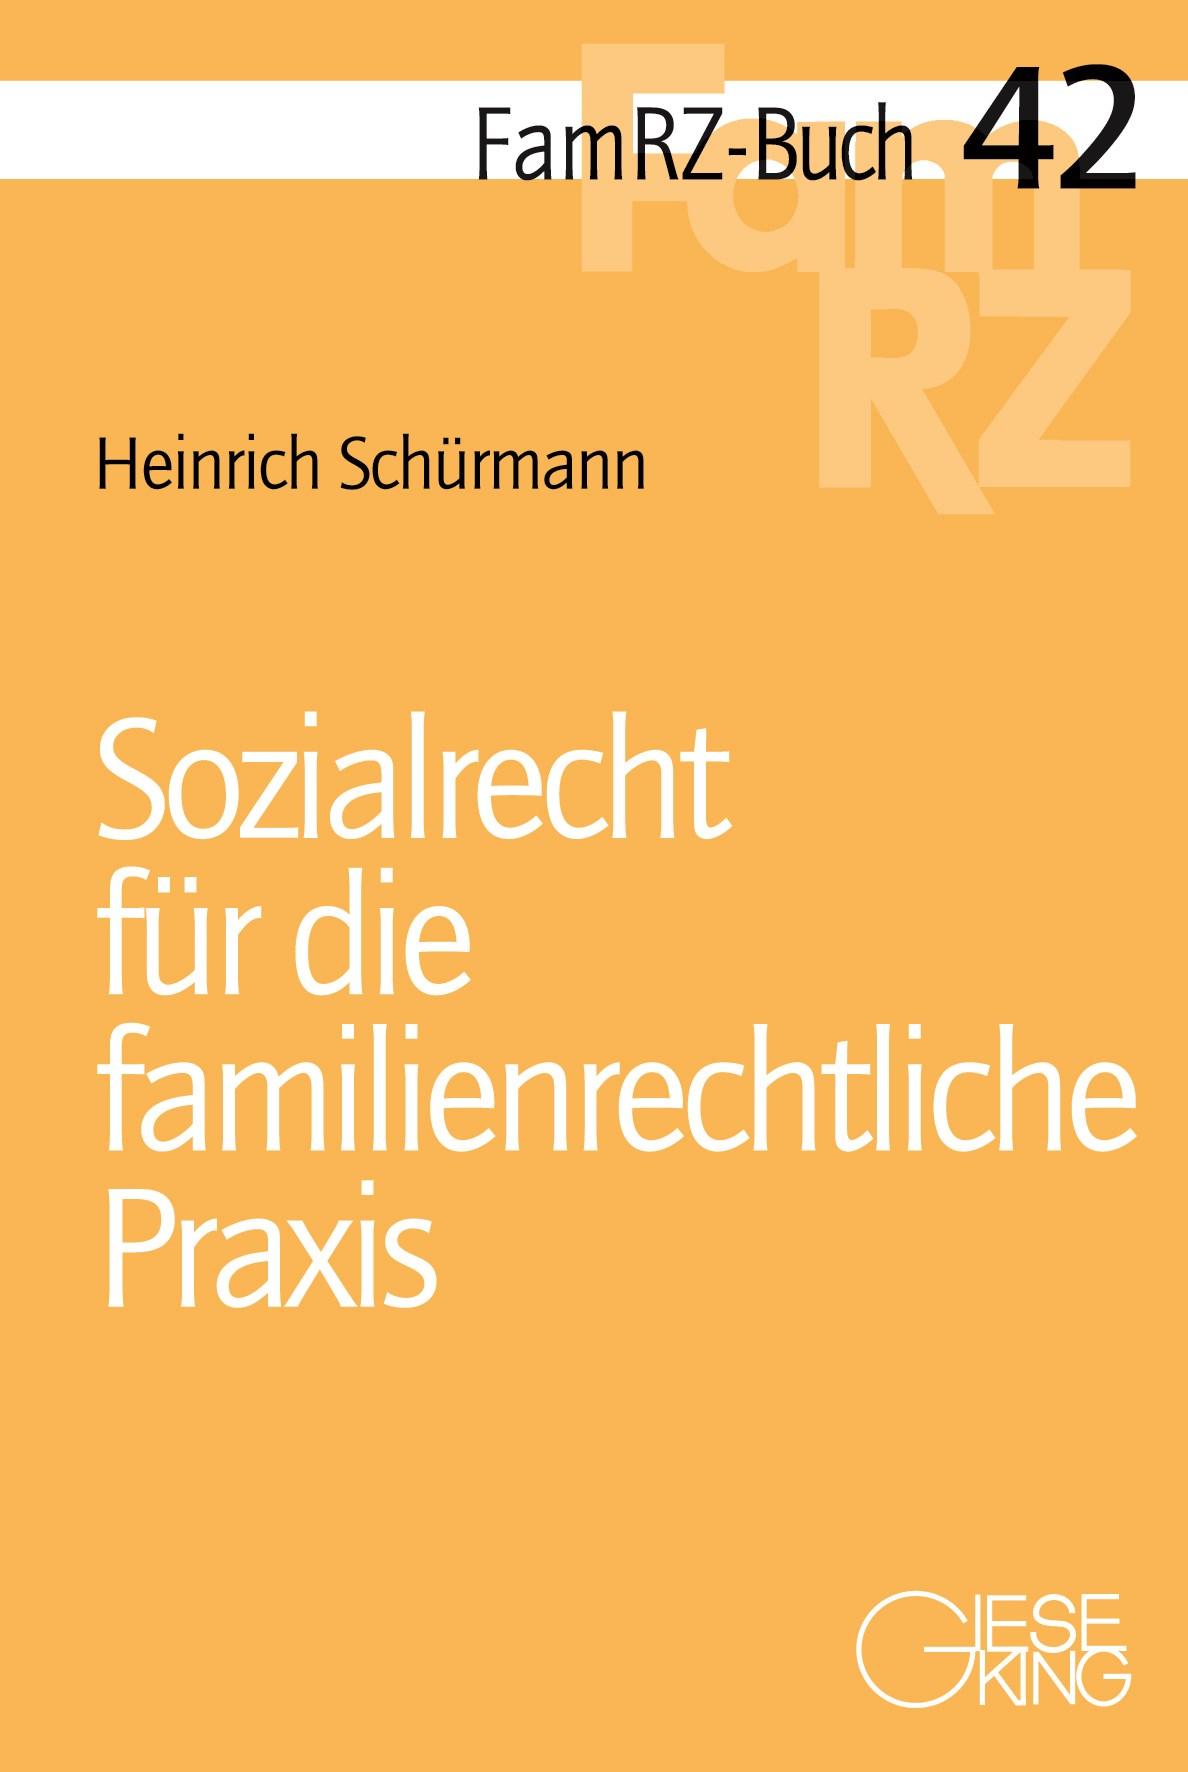 Sozialrecht für die familienrechtliche Praxis Heinrich Schürmann 9783769411652